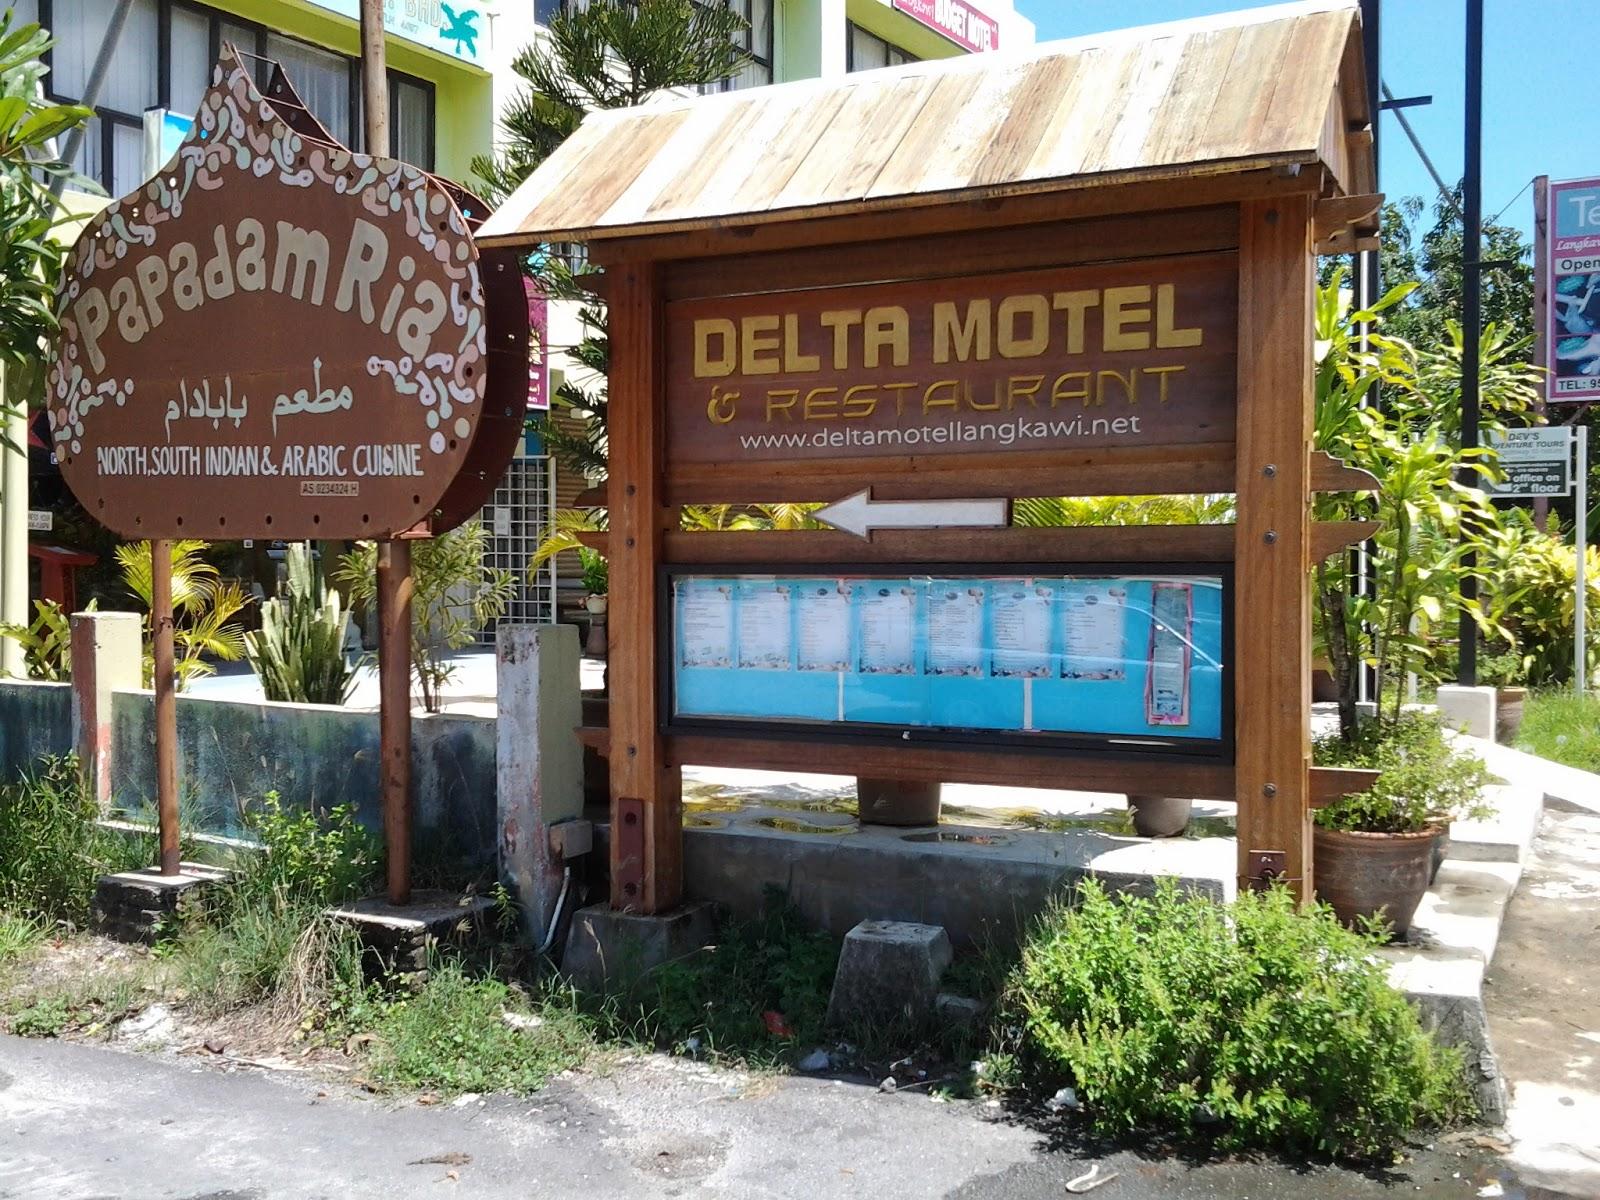 Pulau Pangkor Bajet Termurah 2018 Delta Motel Pantai Cenang Langkawi 2015